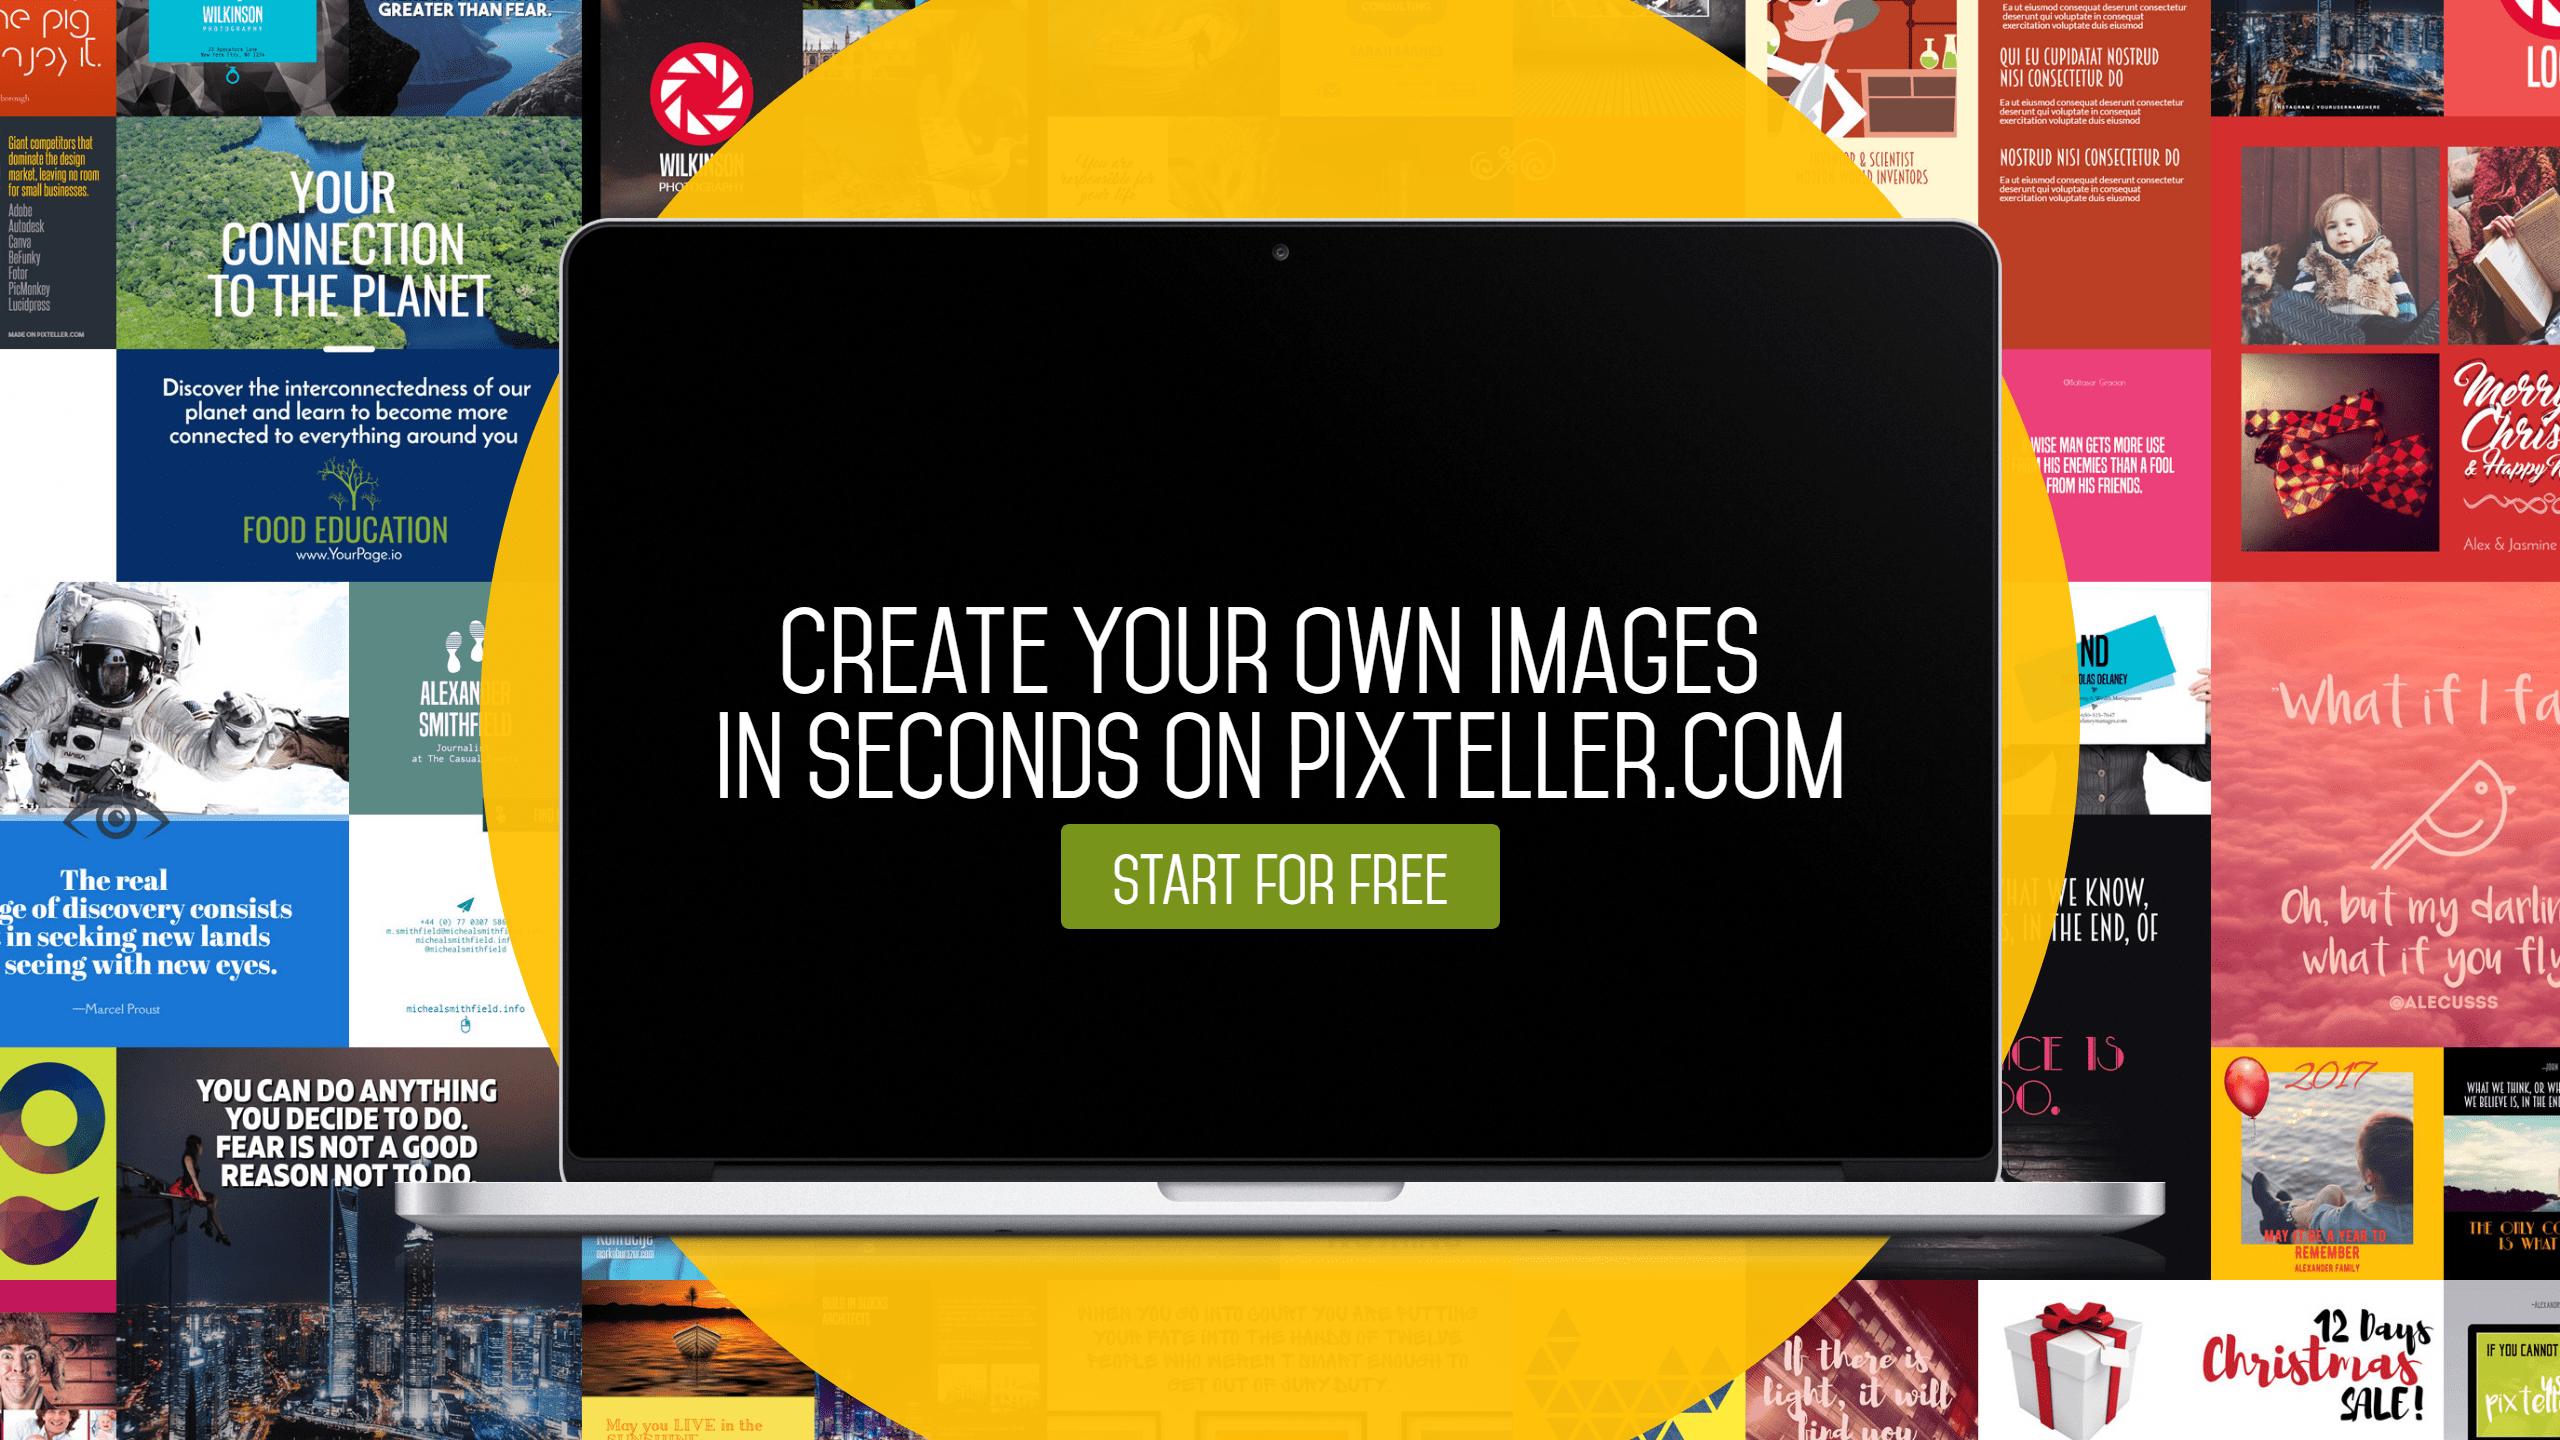 Advertising,                Games,                Screenshot,                Brand,                Banner,                White,                Black,                Yellow,                Red,                 Free Image